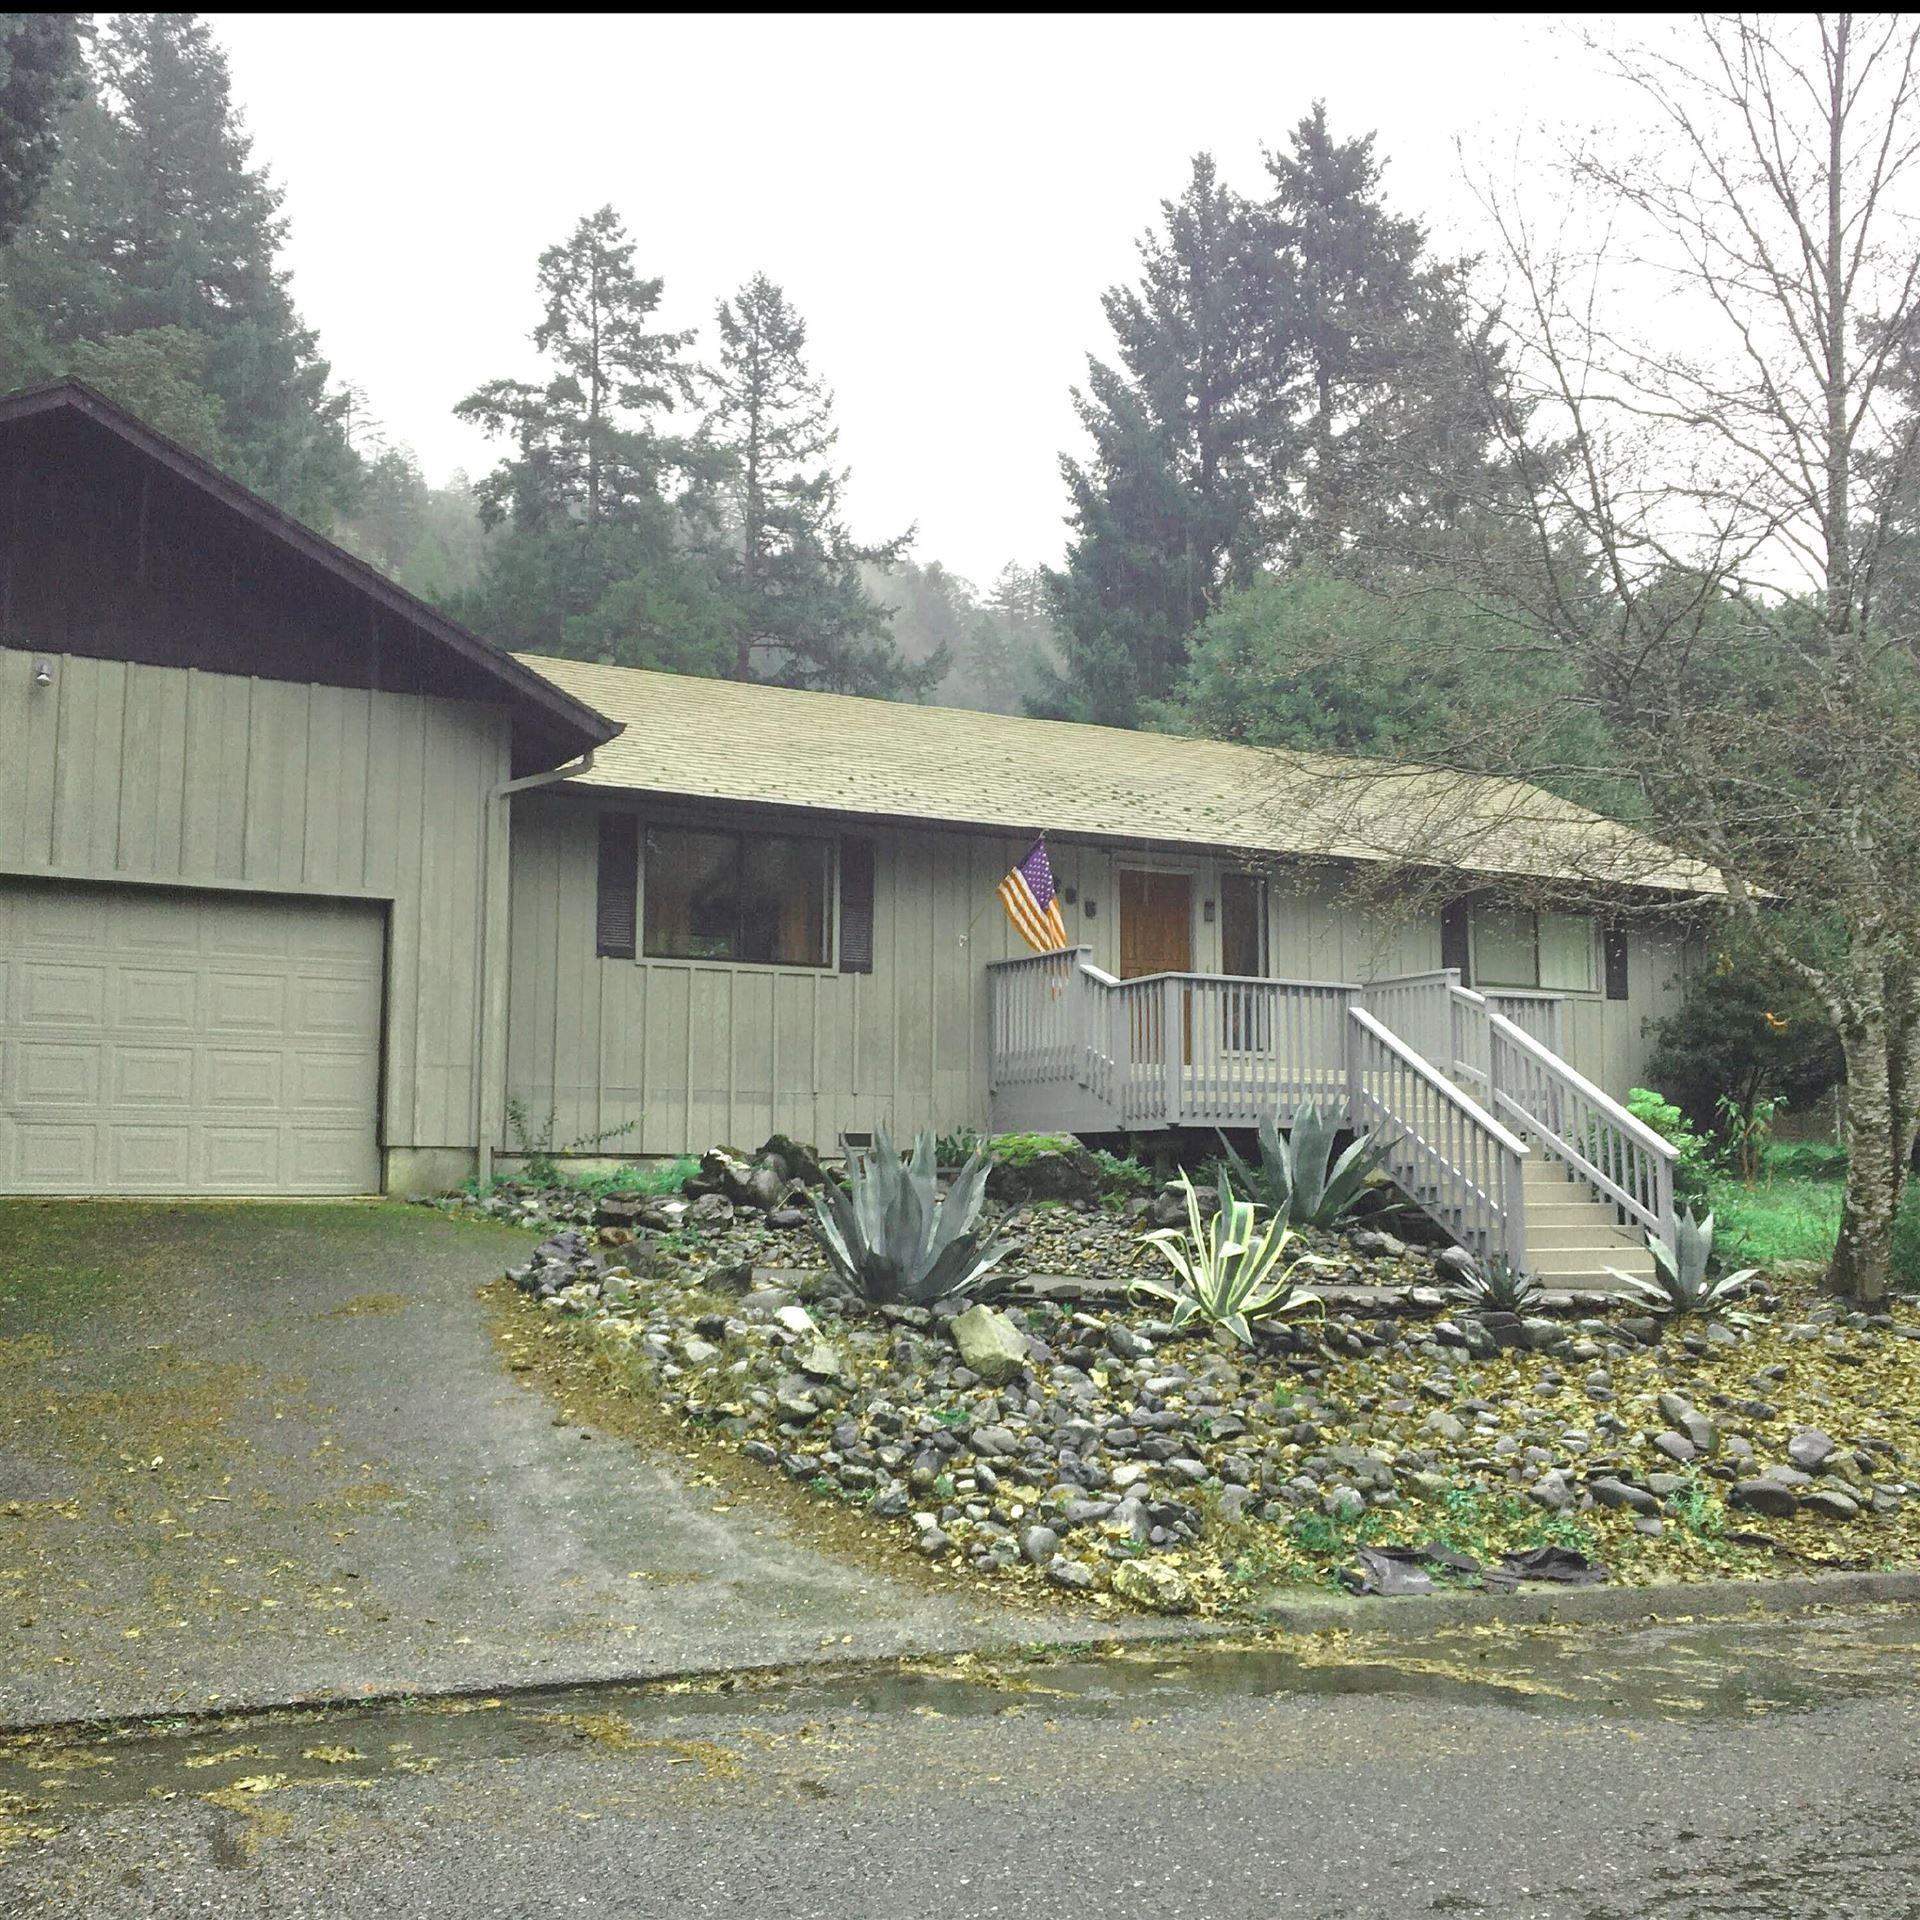 205 Sunset Lane, Willow Creek, CA 95573 - MLS#: 259608